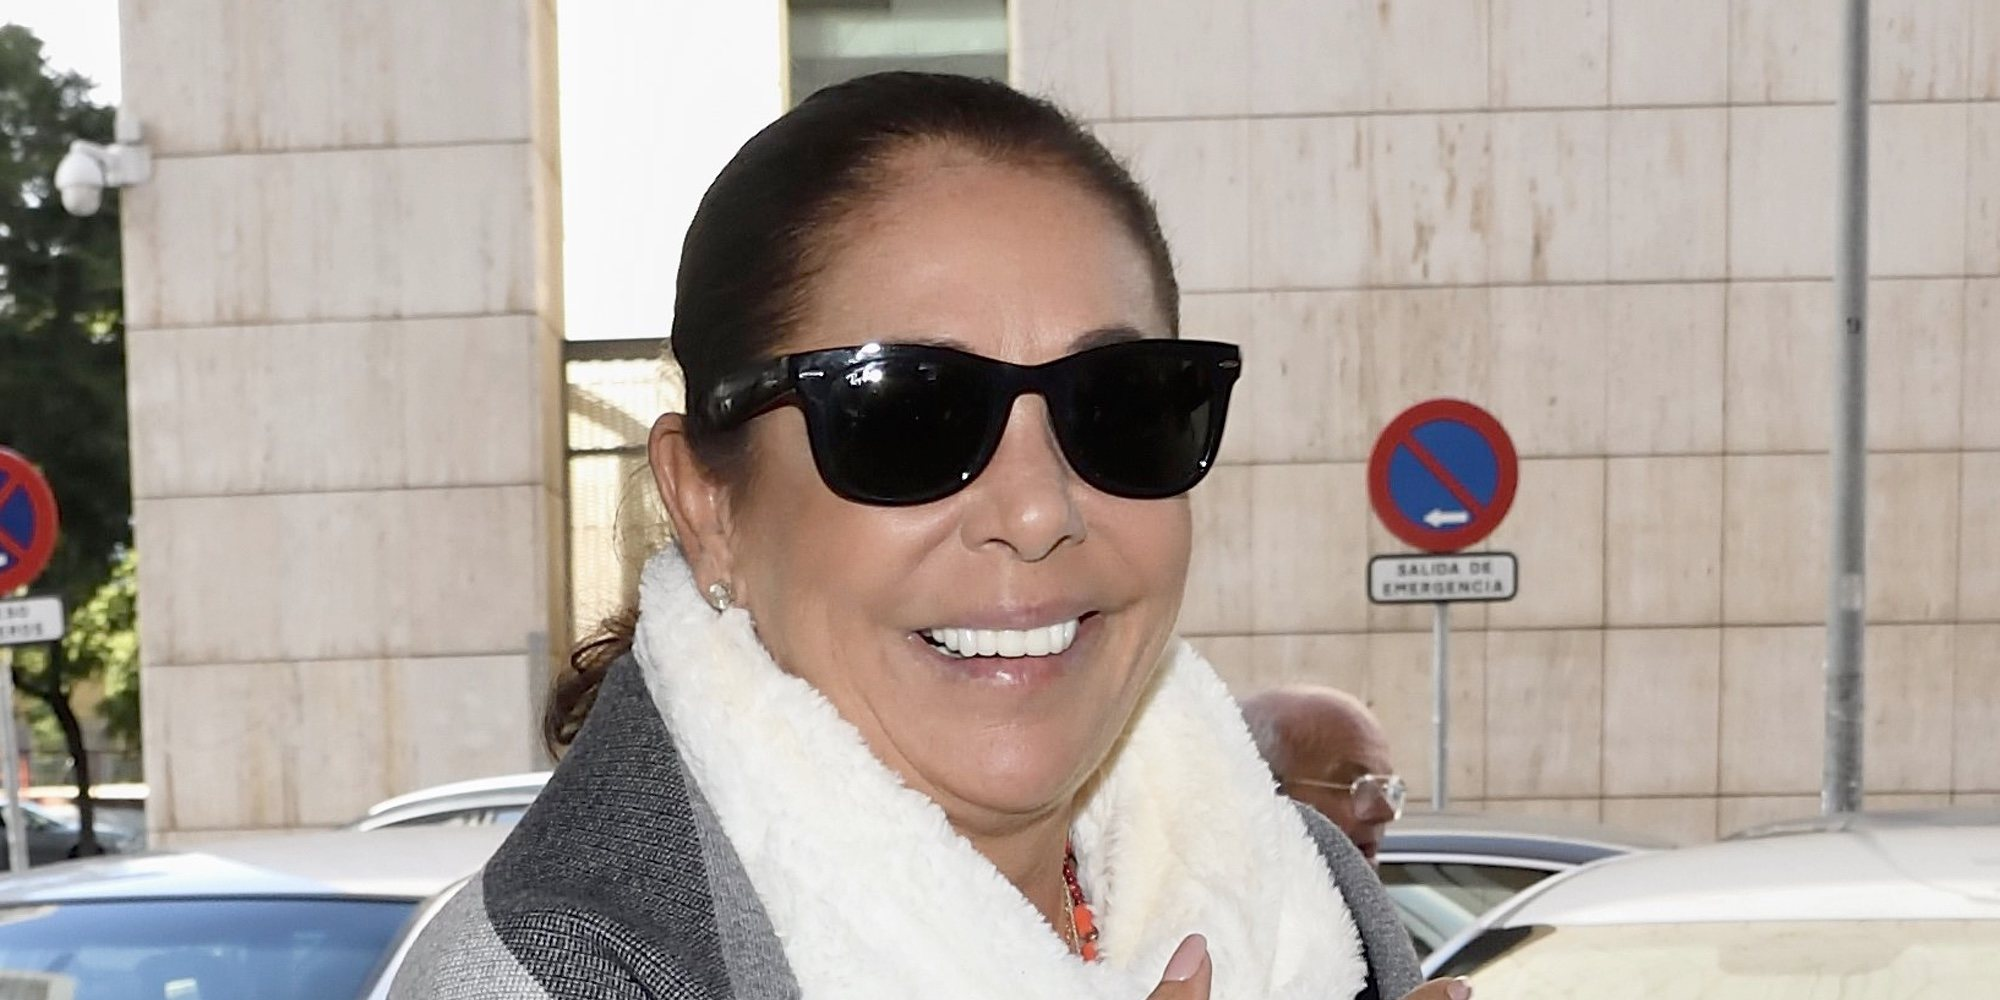 La emoción de Isabel Pantoja por la sorpresa de su club de fans a la que se sumó Kiko Rivera pero no Chabelita